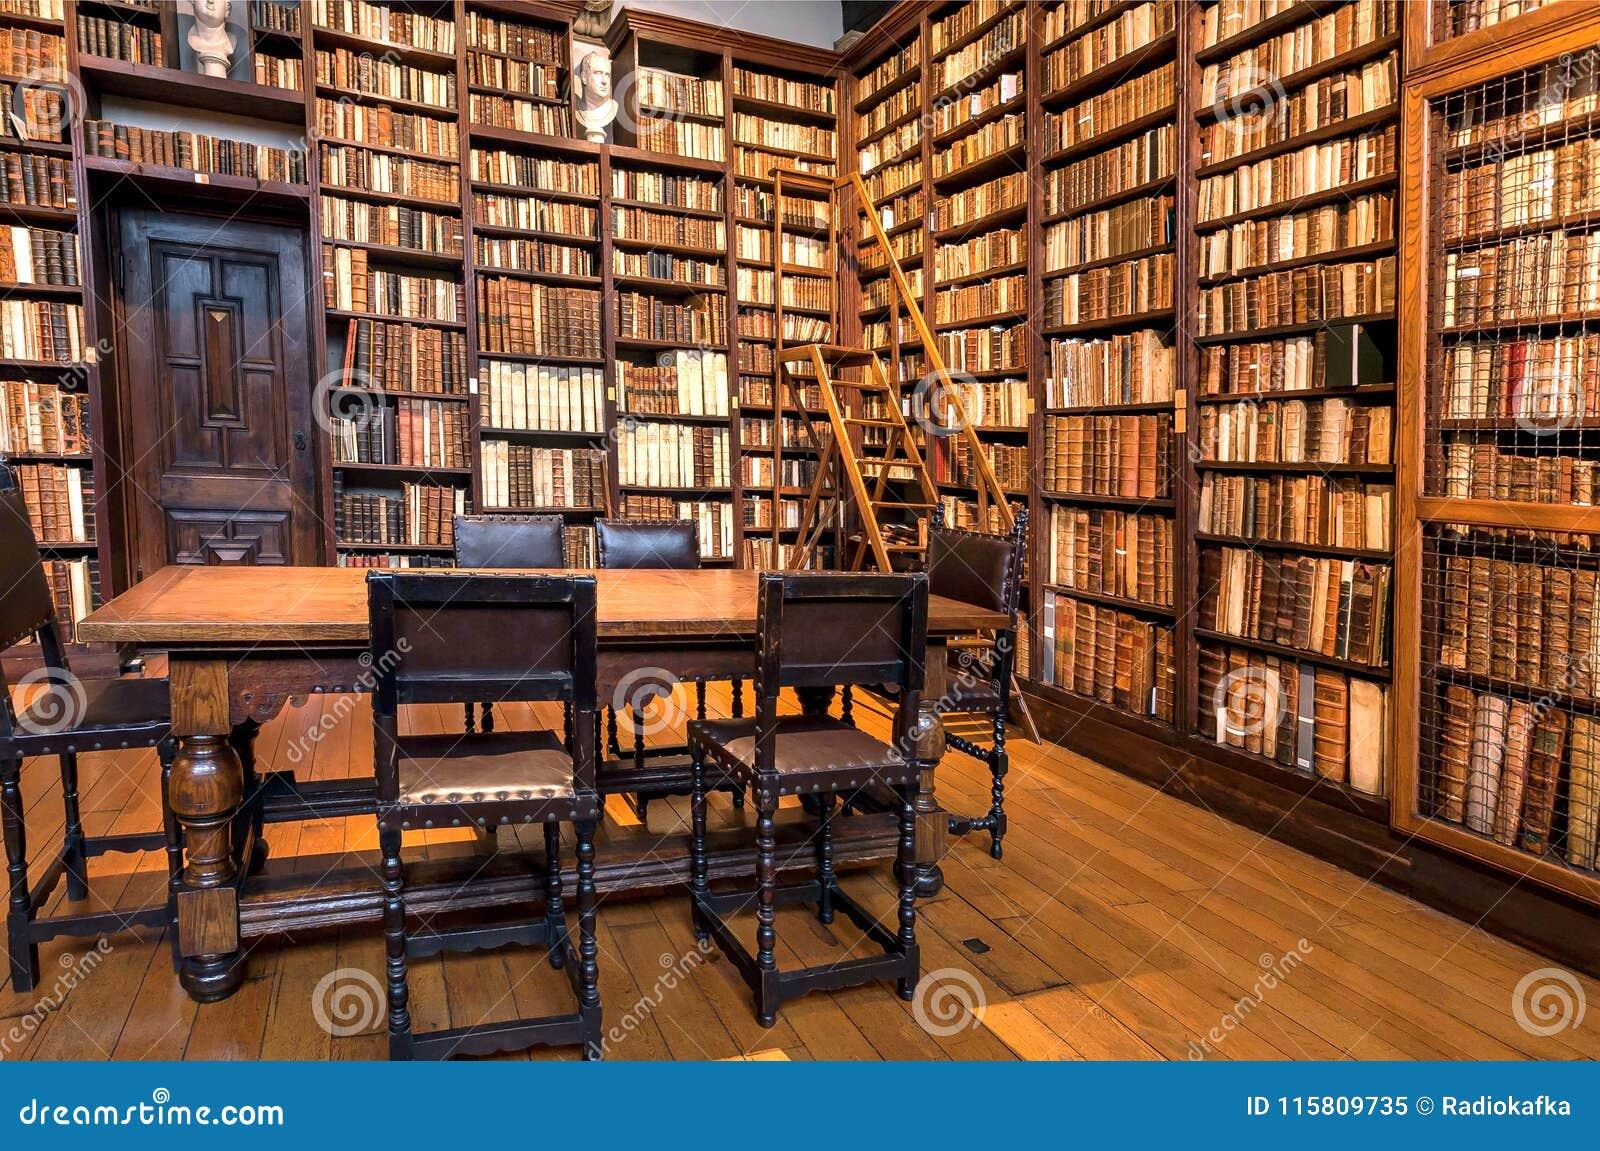 Historical Bookshelves Full Of Antique Books Inside Printing Museum